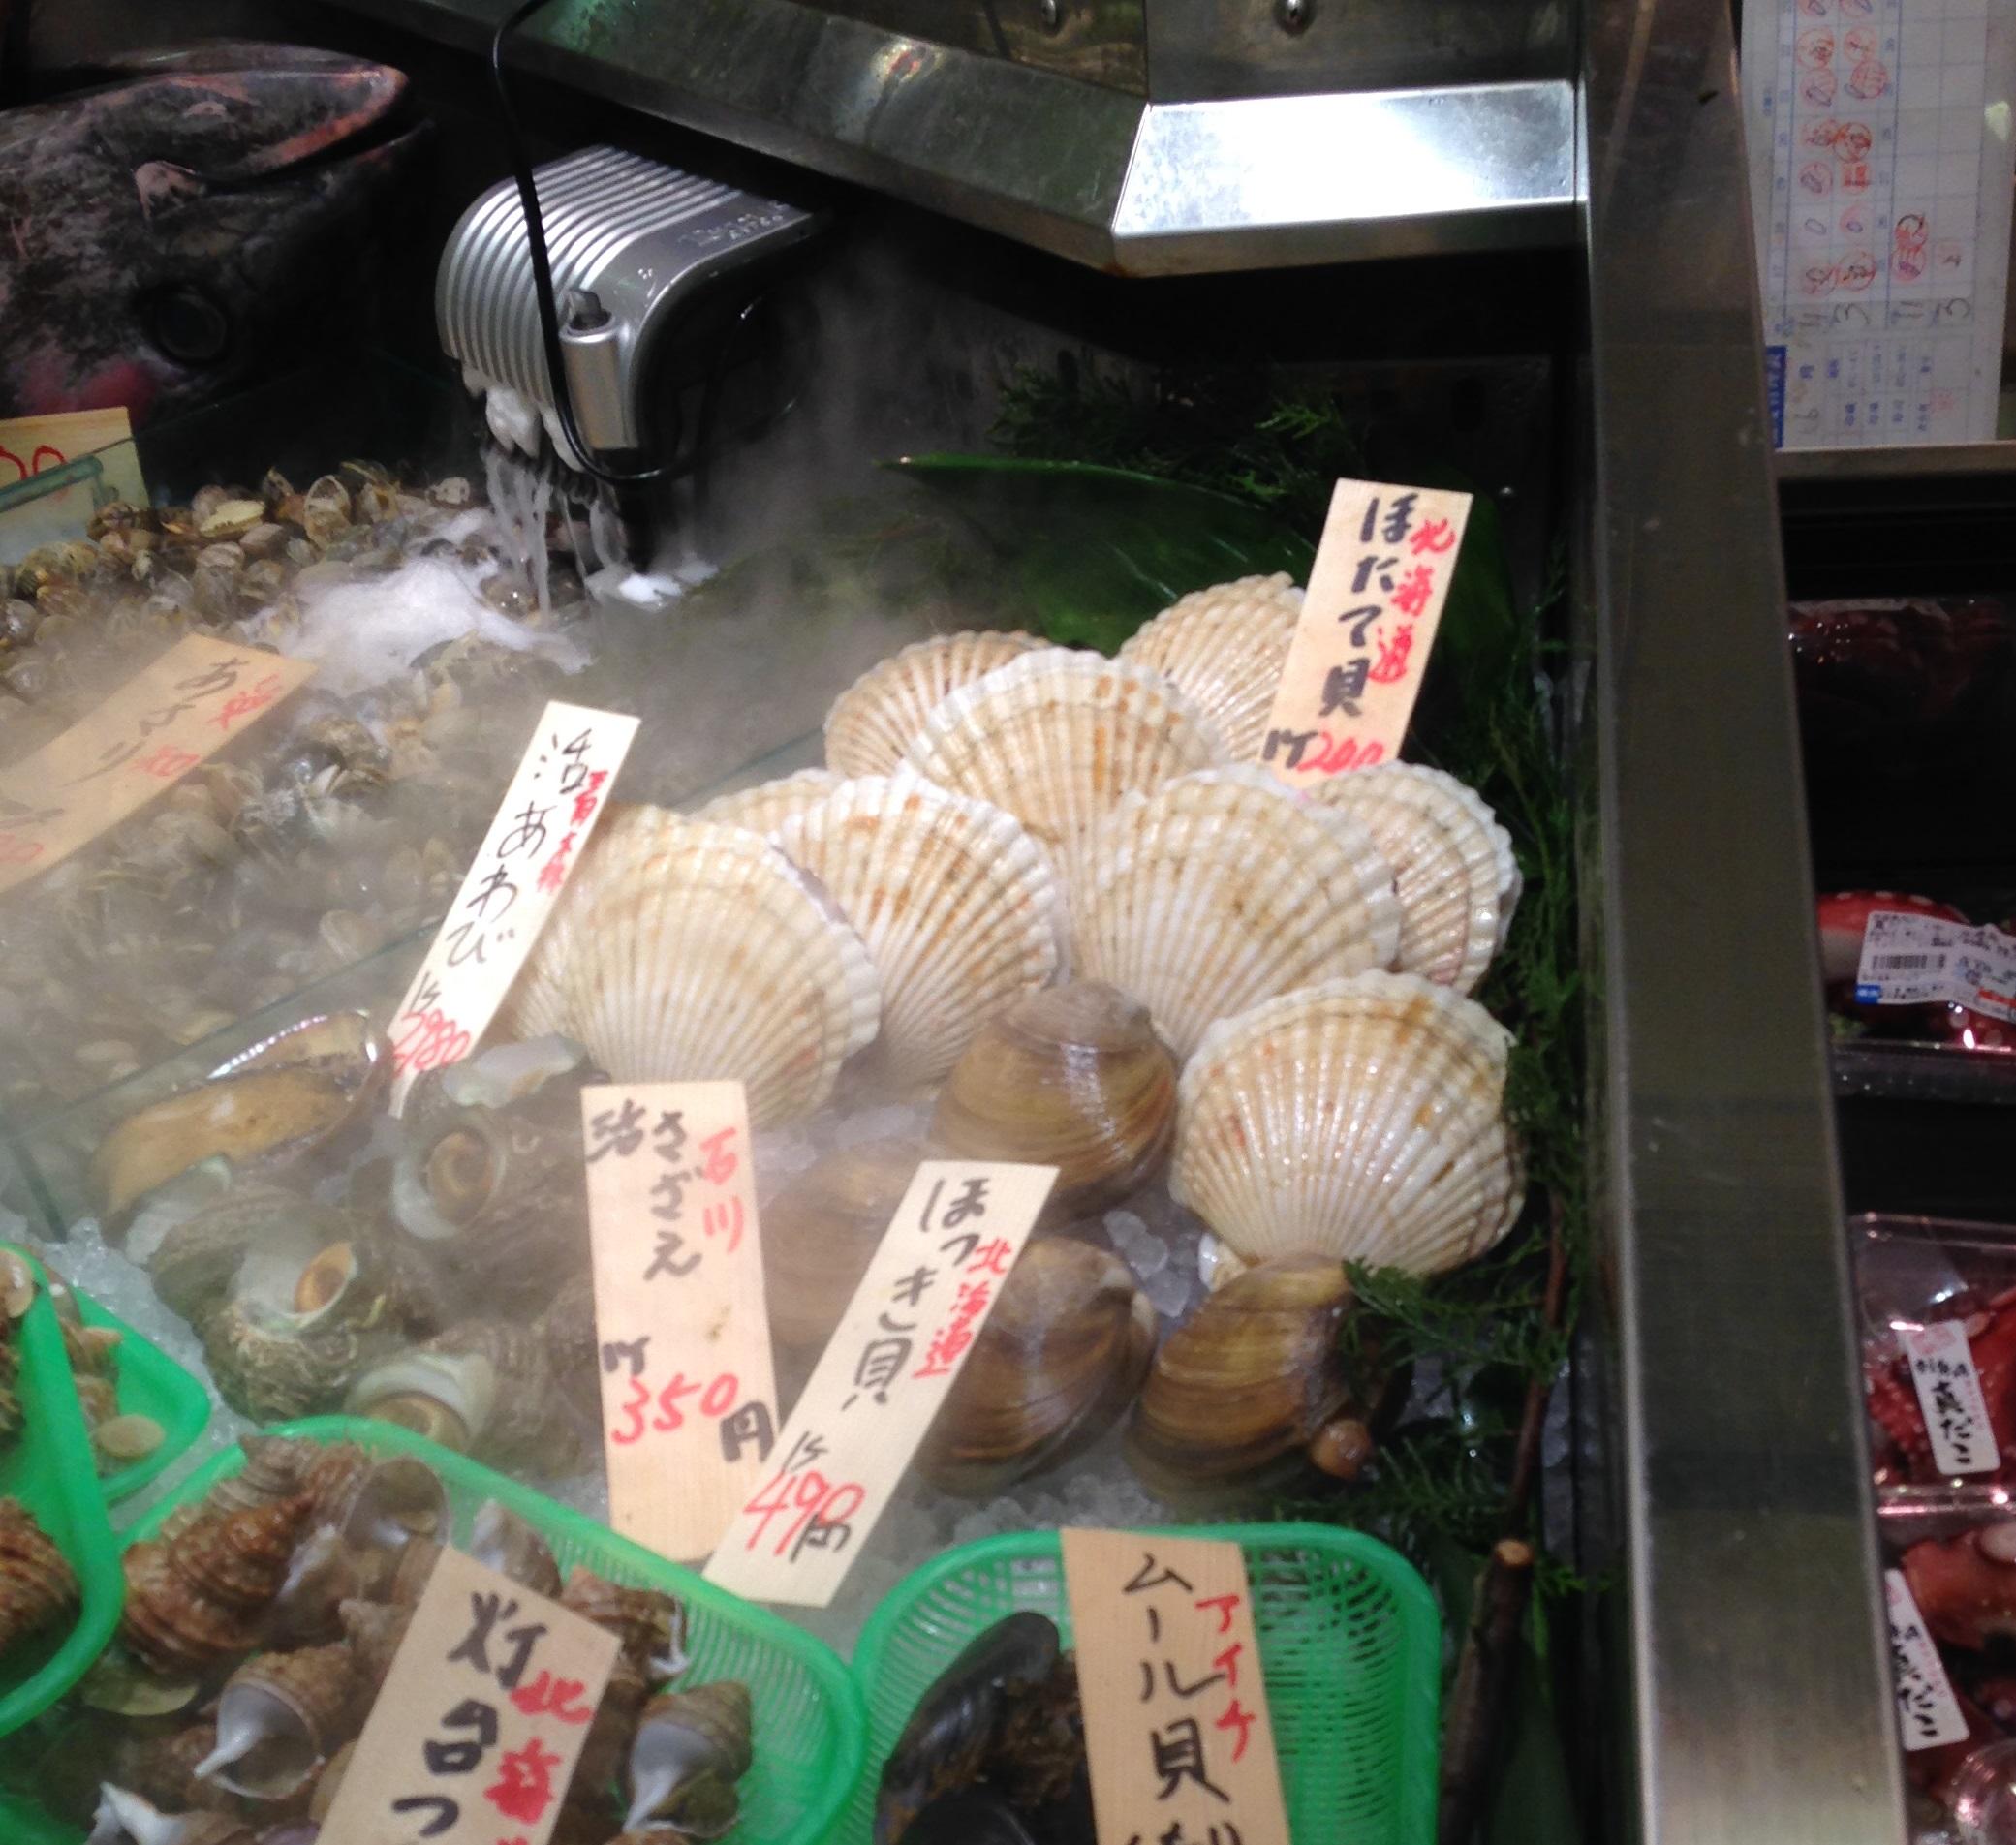 鮮魚売り場のホタテ貝